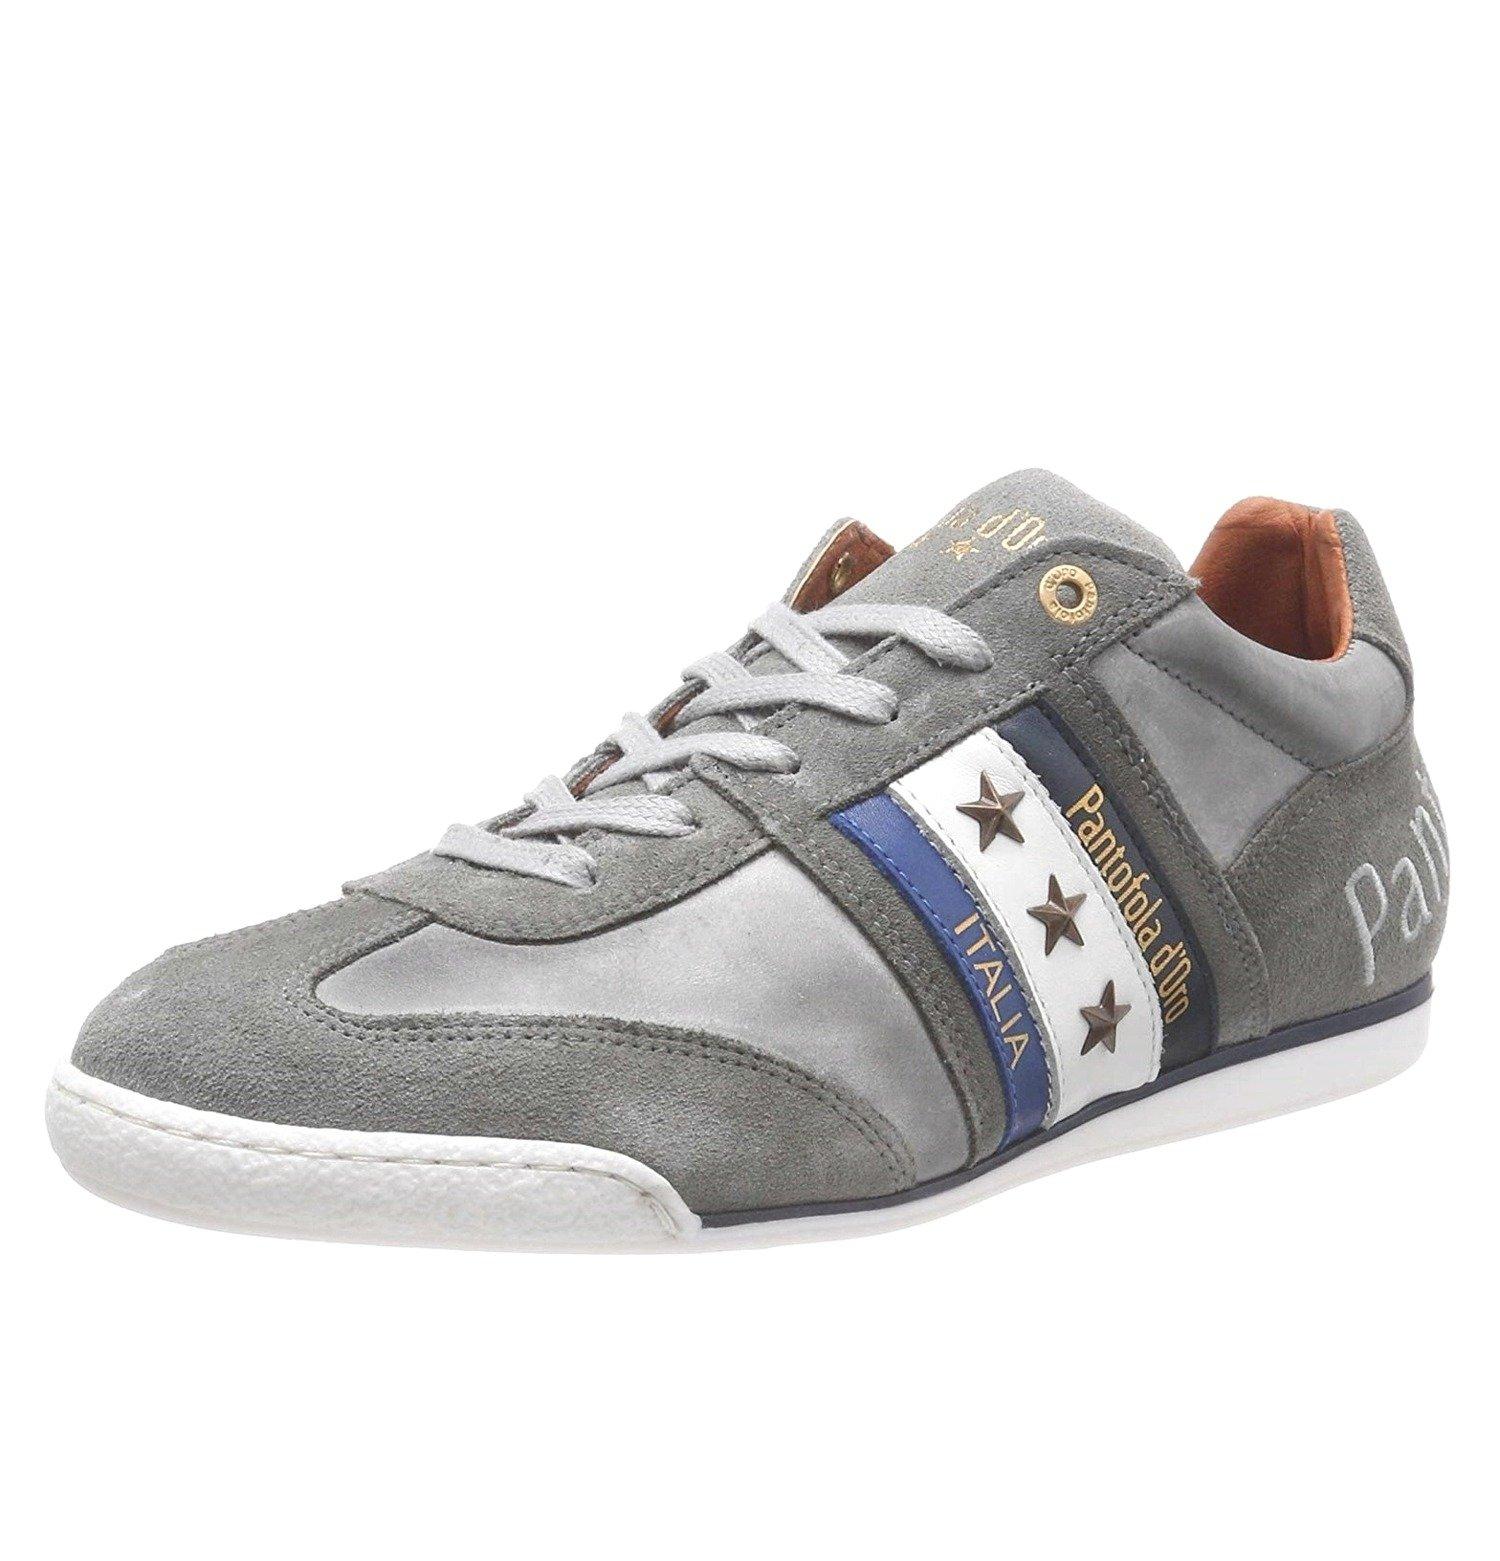 Pantofola d'Oro Herren Sneaker Imola Uomo in Braun i@9_I Das